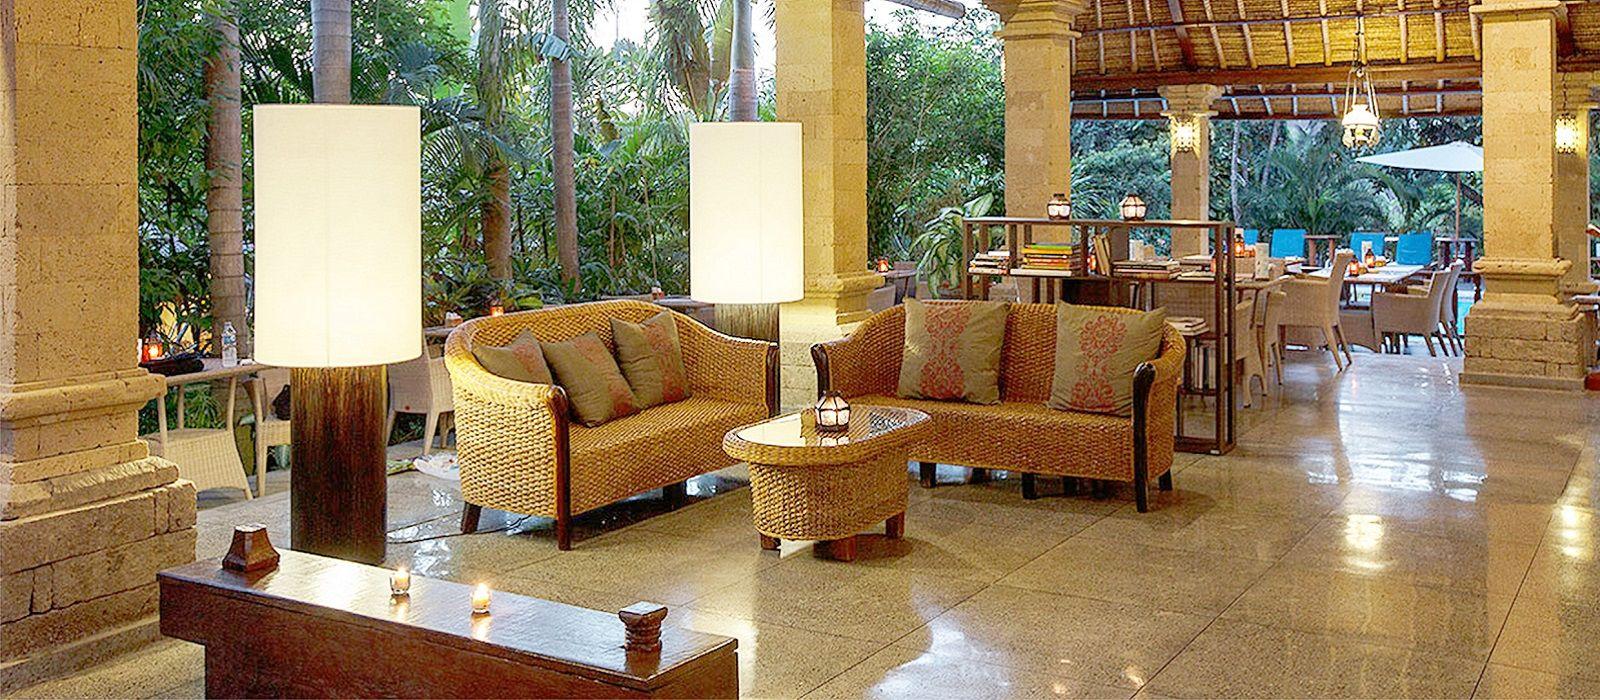 Hotel Bali Agung Village Indonesia